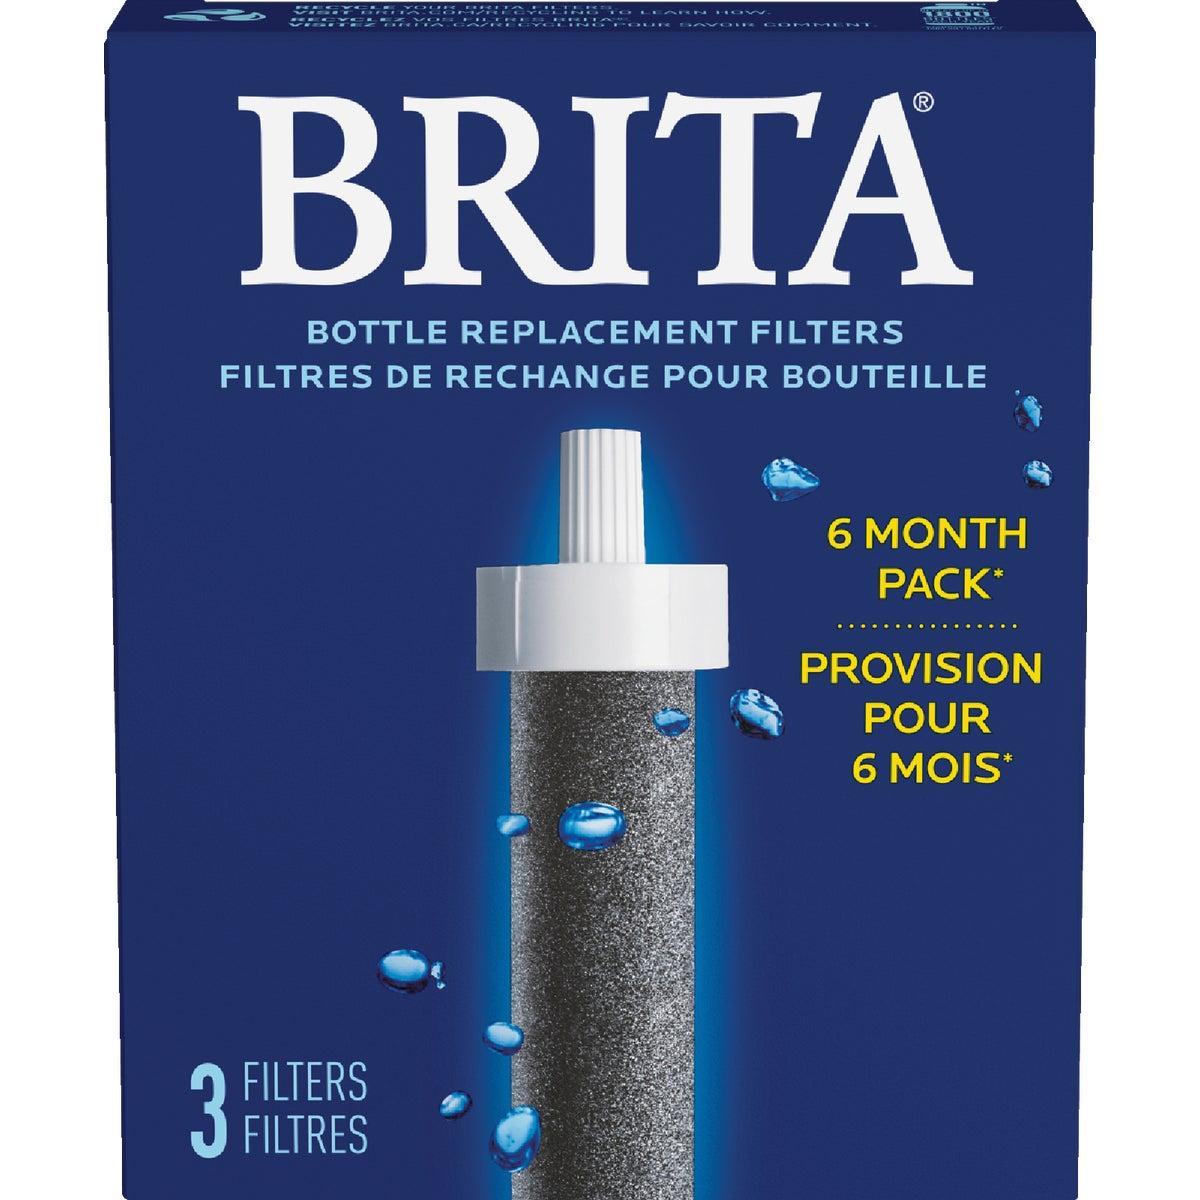 BRITA HRD BTL RPL FILTER